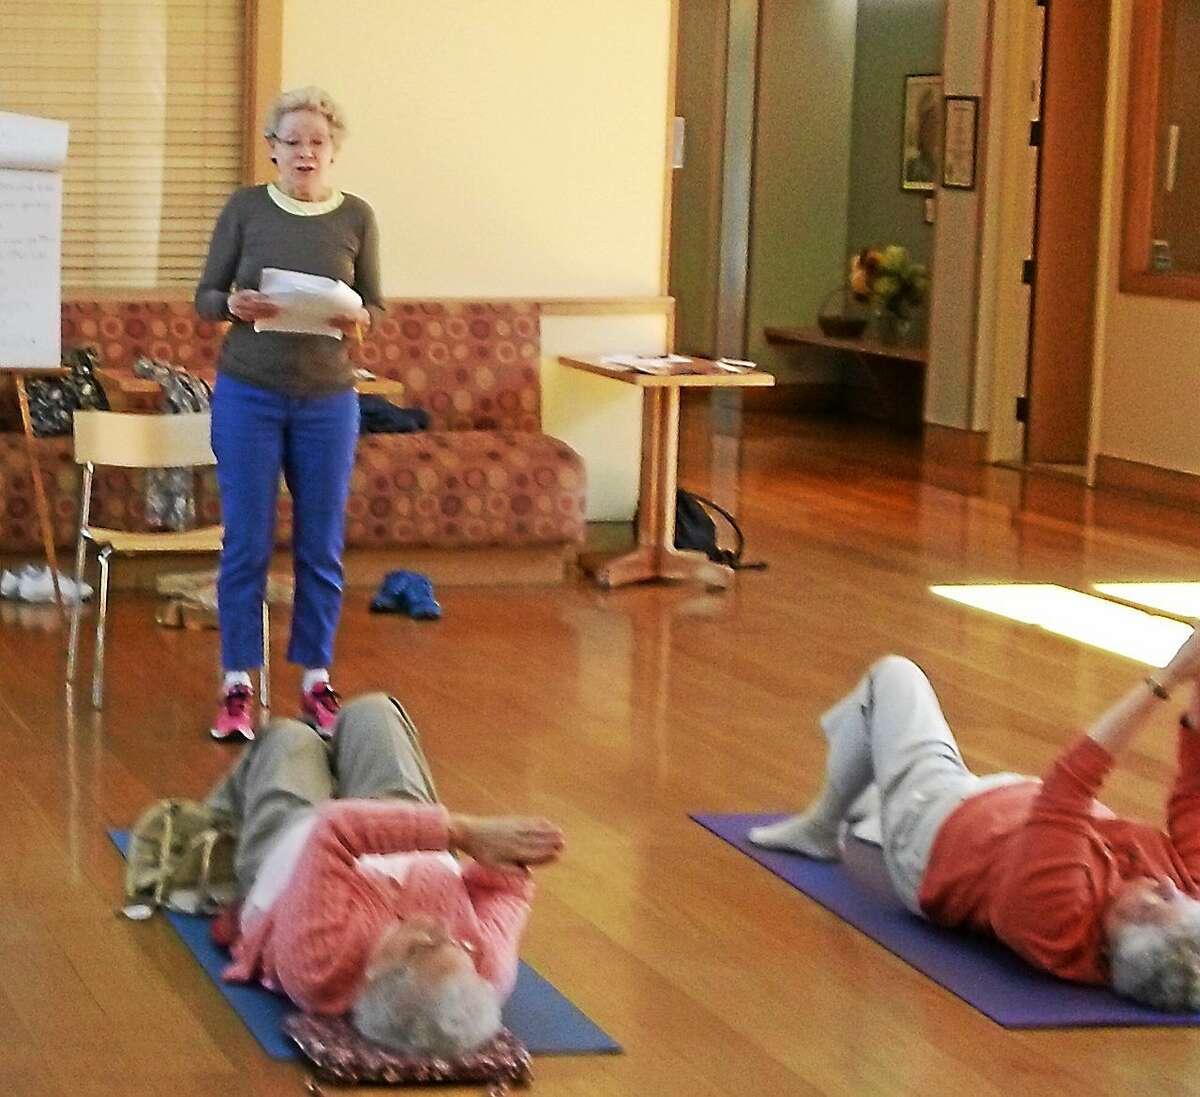 Pat Murphy teaching the Feldenkrais class at Litchfield Community Center. Contributed photo.